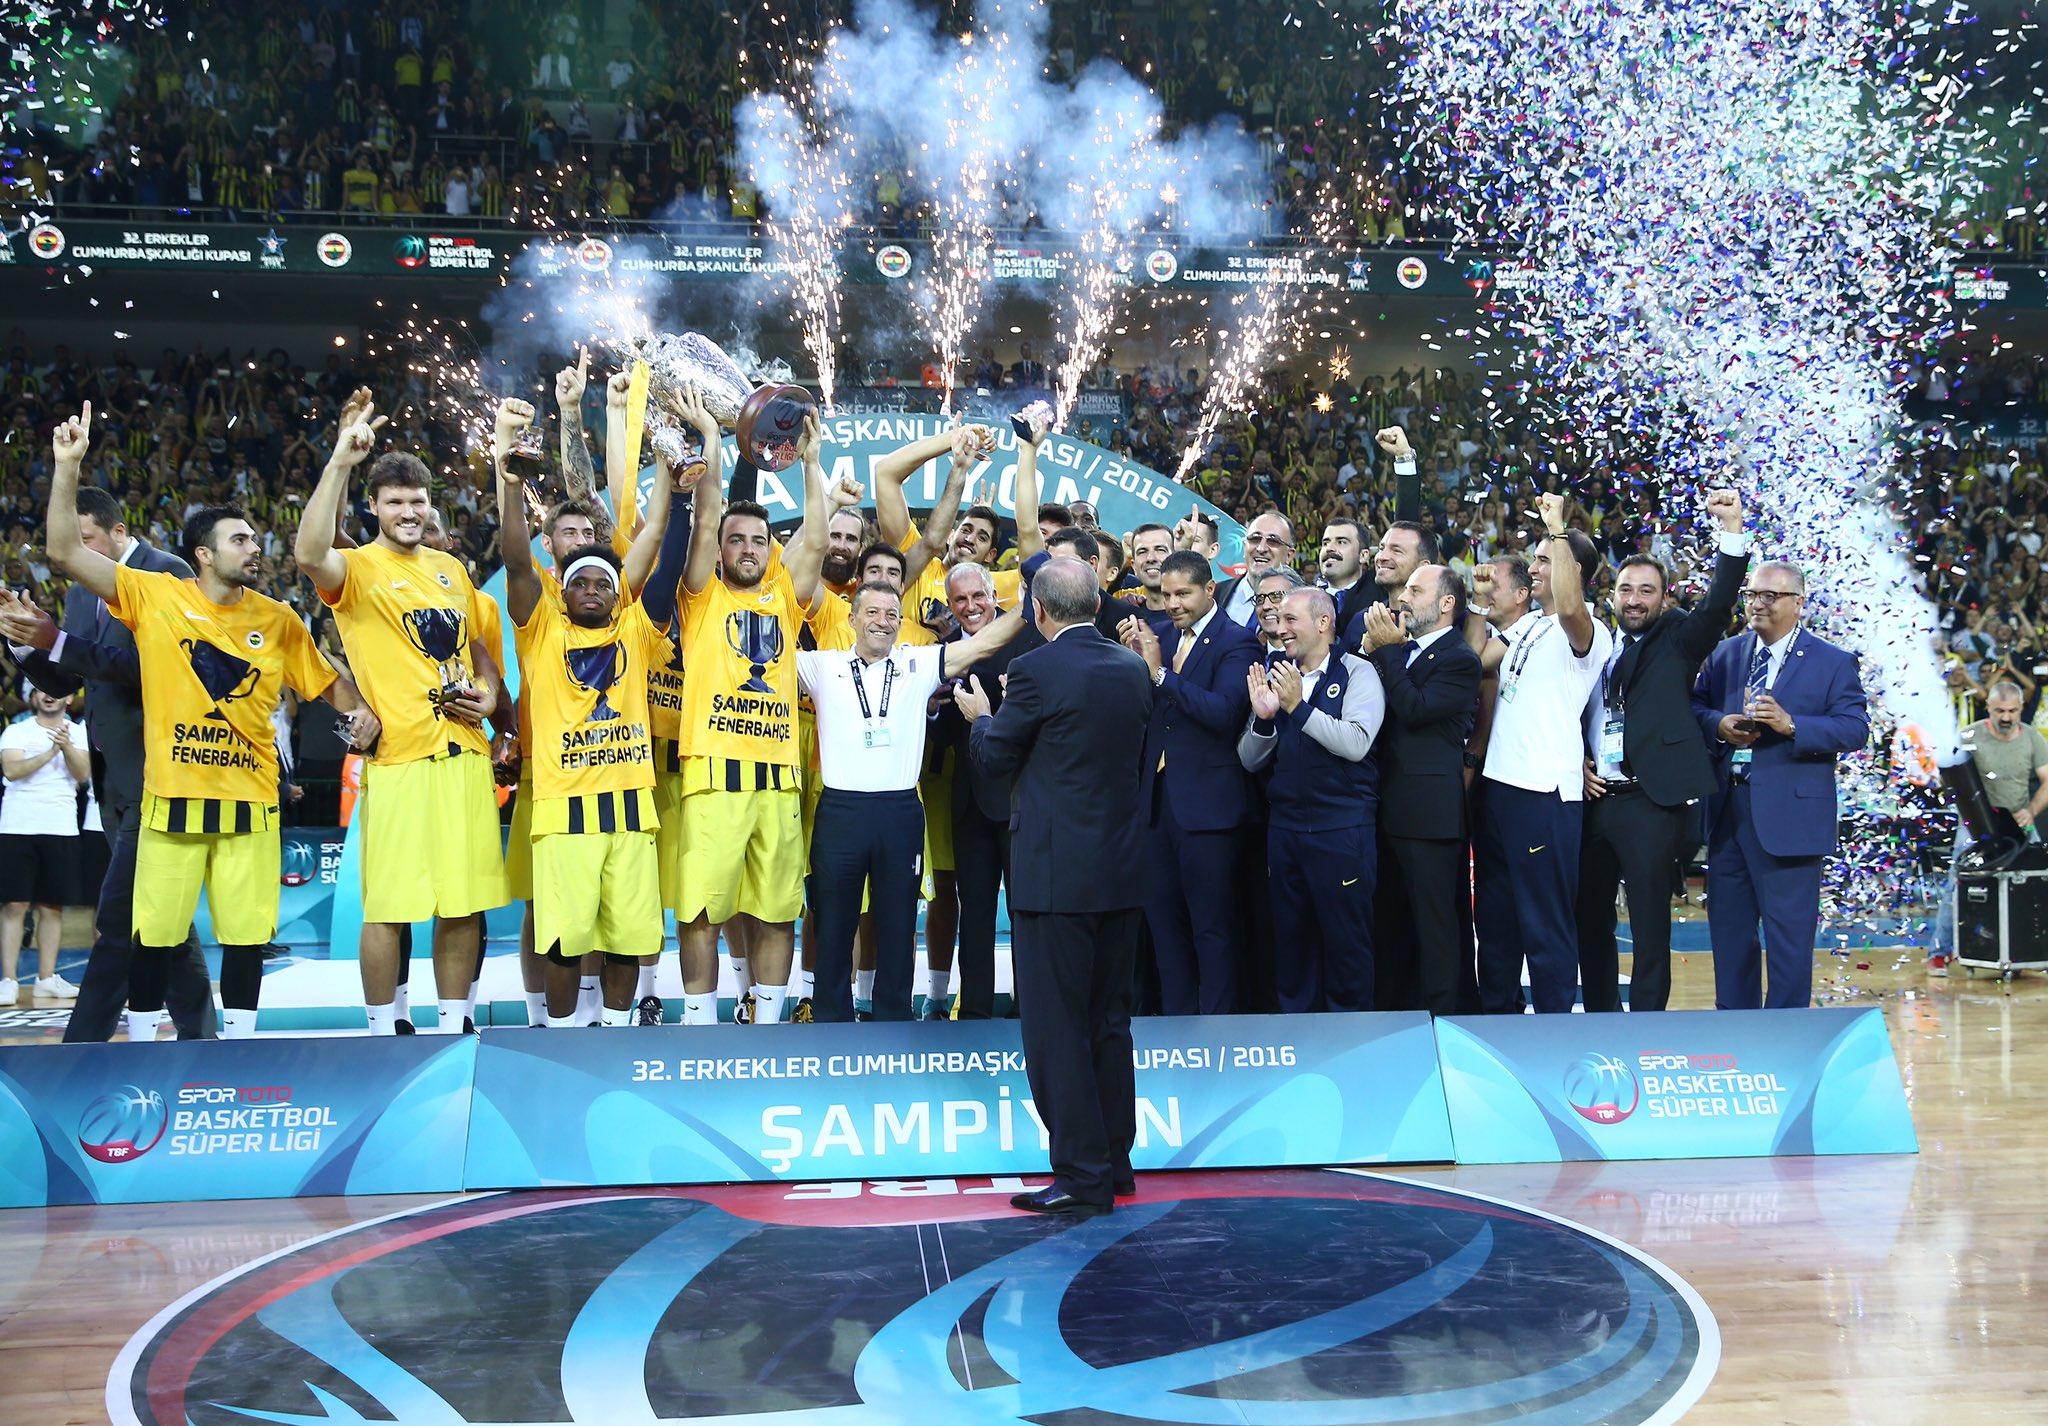 Basketbolda 32. Erkekler Cumhurbaşkanlığı Kupası'nı kazanan @FBBasketbol takımını tebrik ediyorum. https://t.co/AdR0KI2HPR